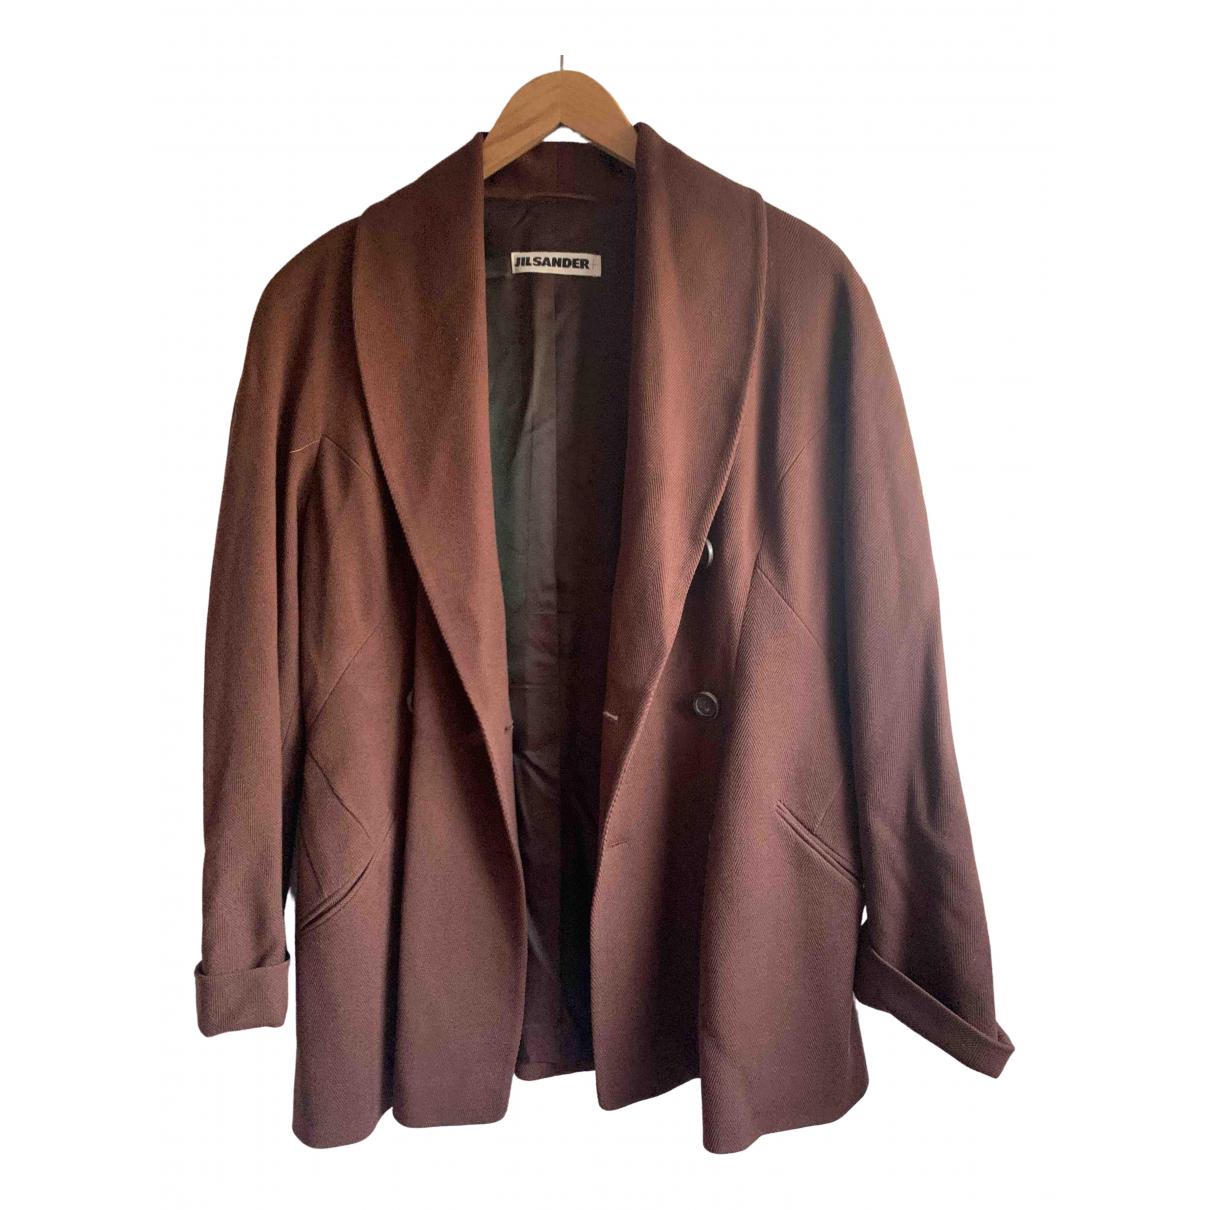 Jil Sander - Veste   pour femme en coton - marron